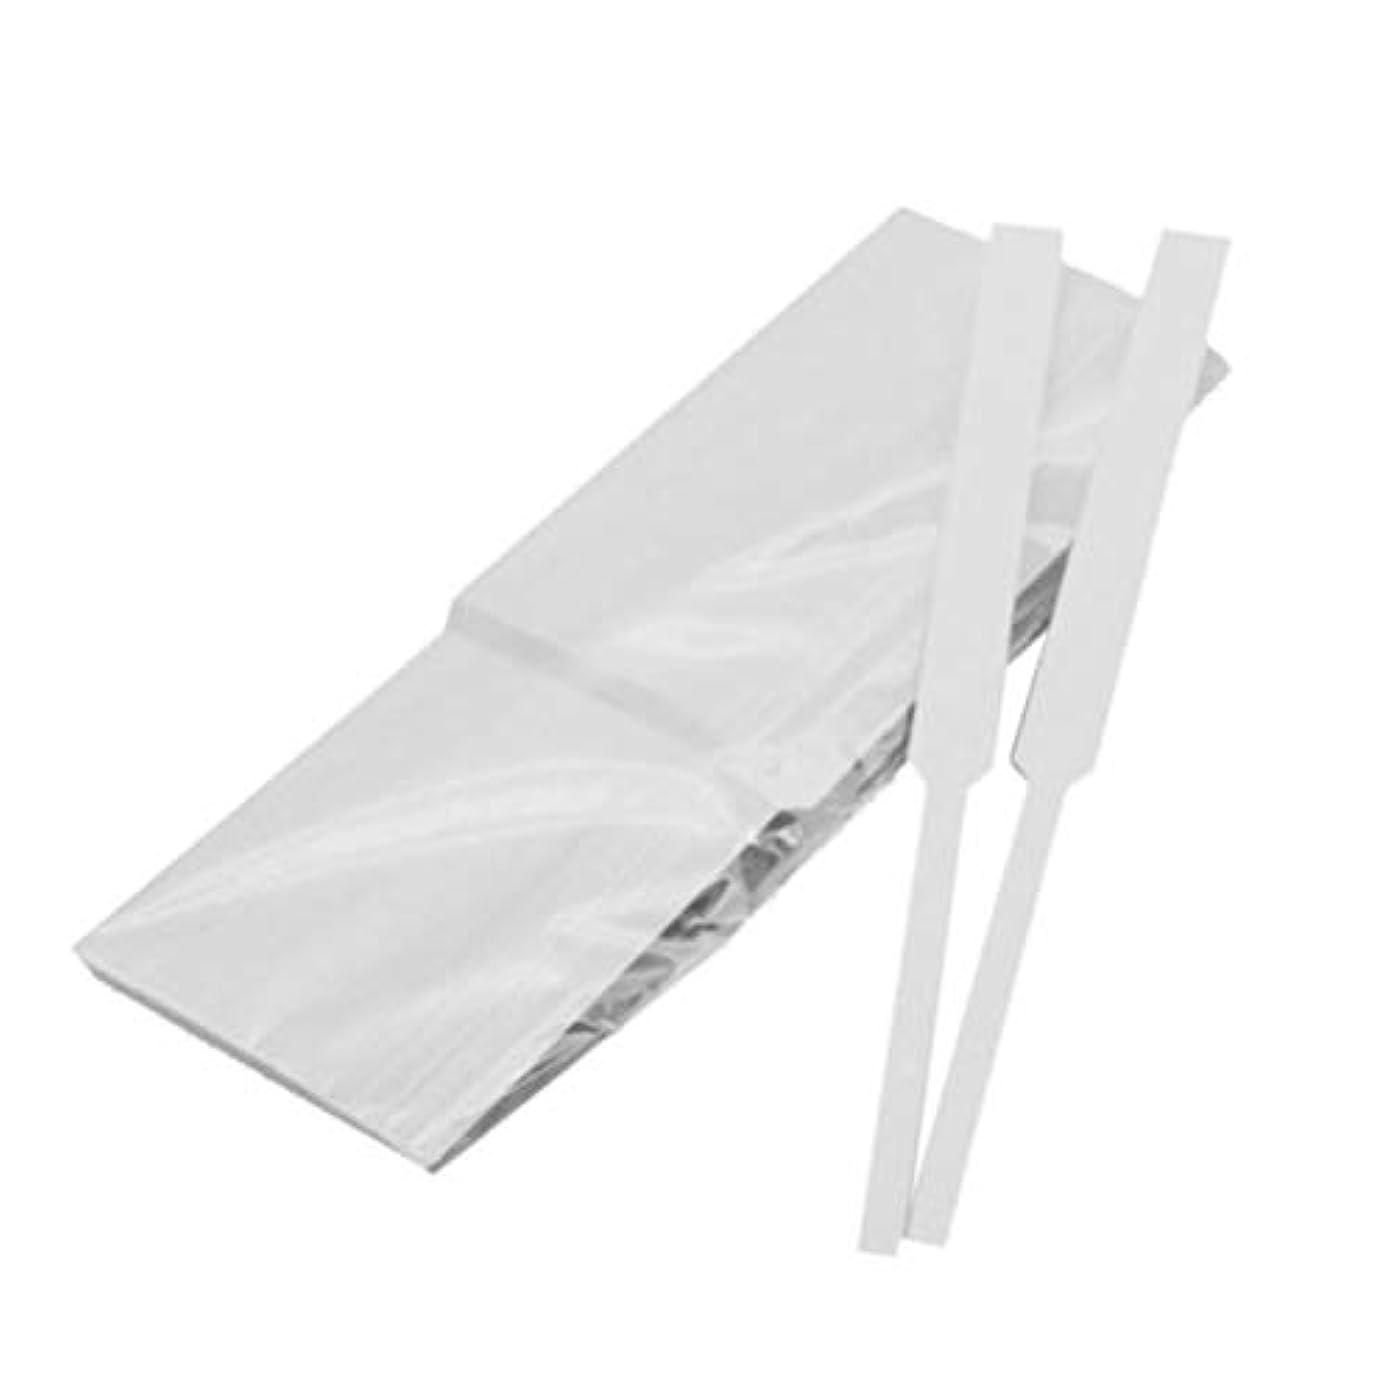 キウイ食料品店失望Frcolor 試香紙 香料試験紙 プロ用 香水 香水テストストリップ 匂い紙 アロマテラピー ペーパー 100本セット(スタイル1)